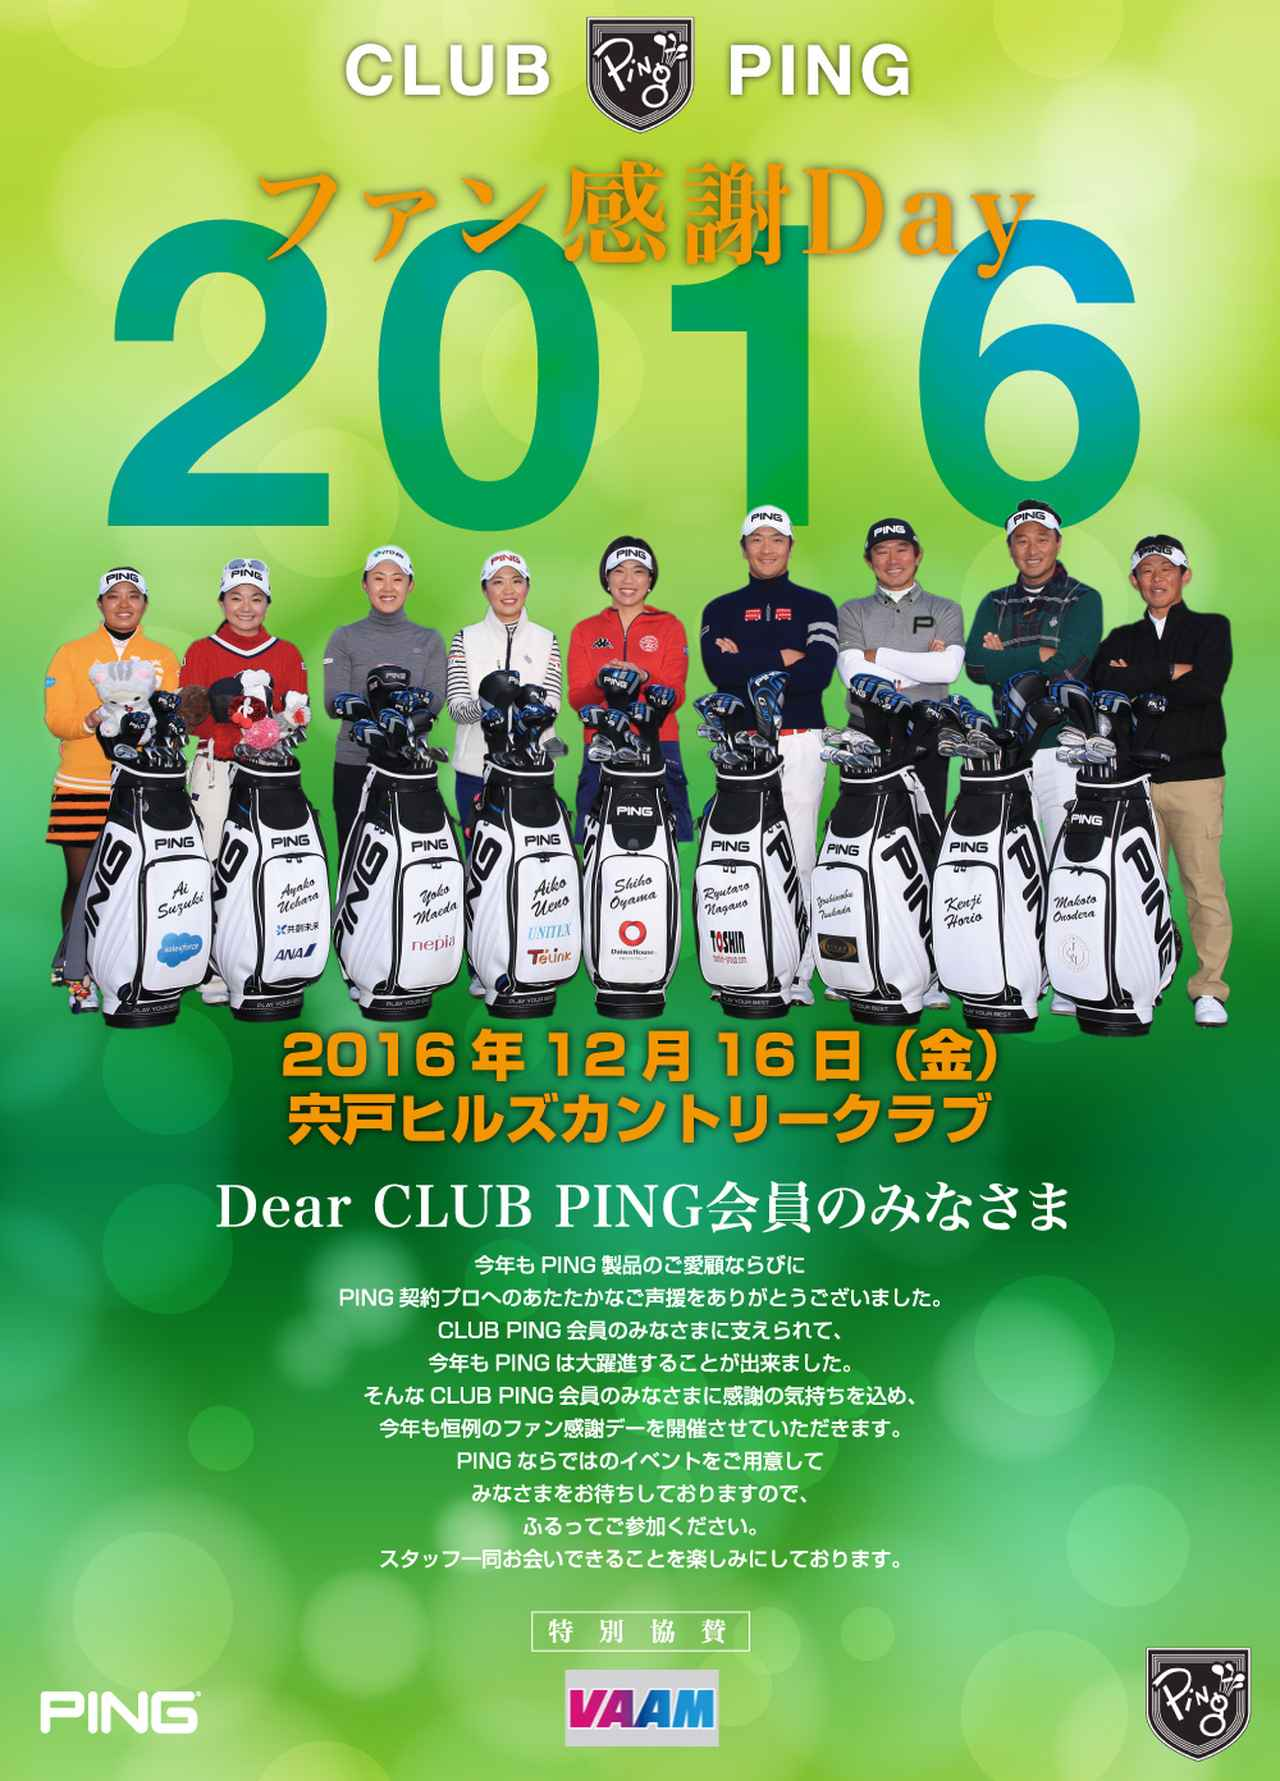 画像: CLUB PING ファン感謝Day 2016 │ CLUB PING